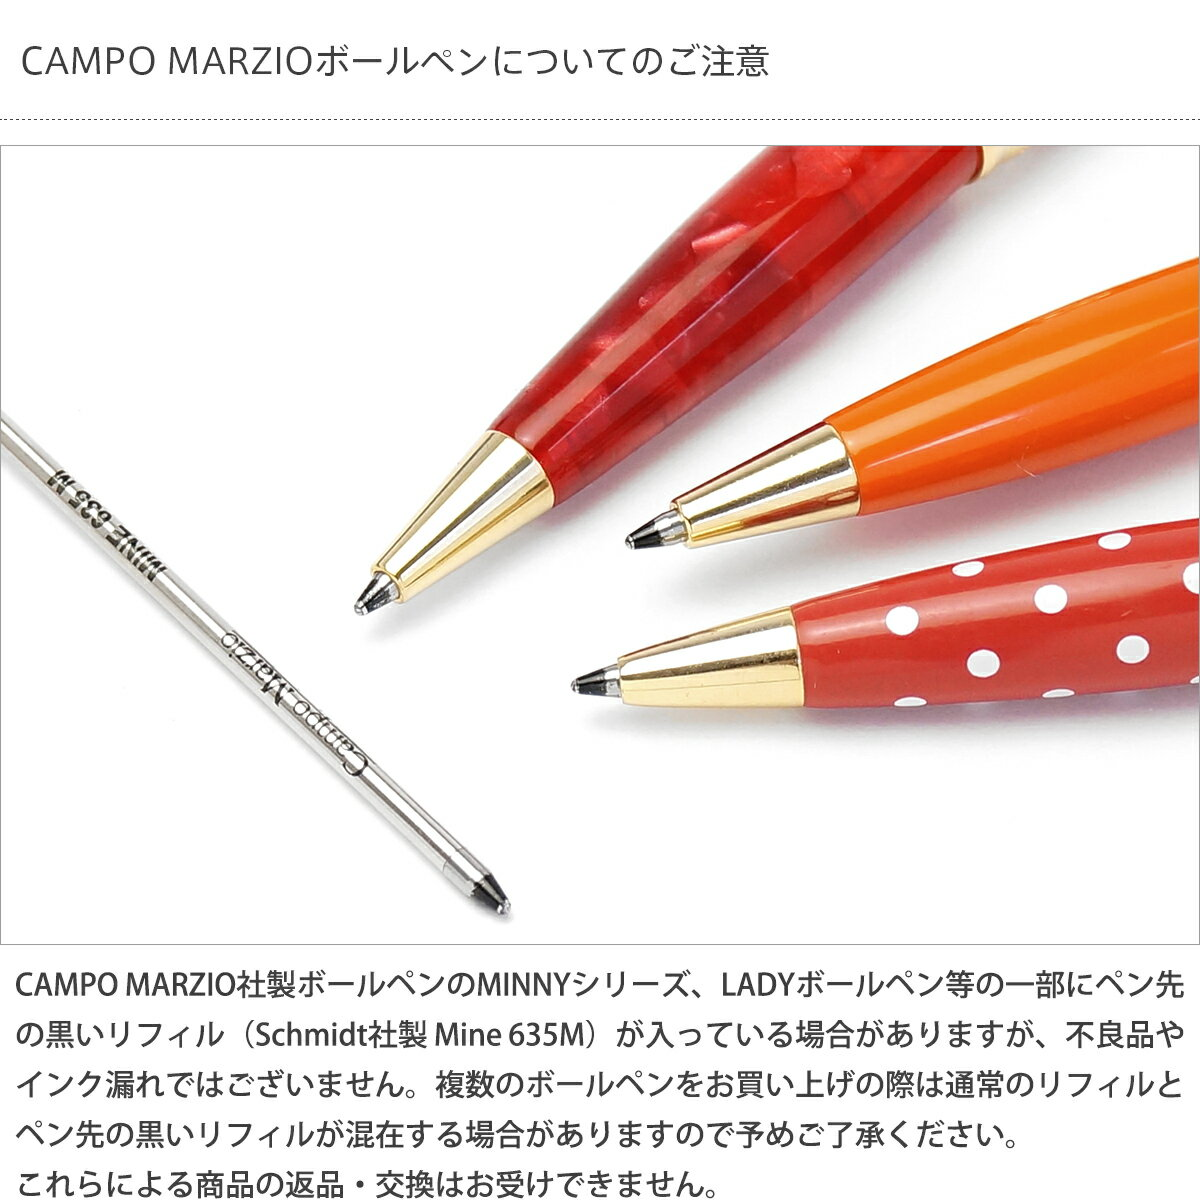 Campo Marzio (ballpoint pen)